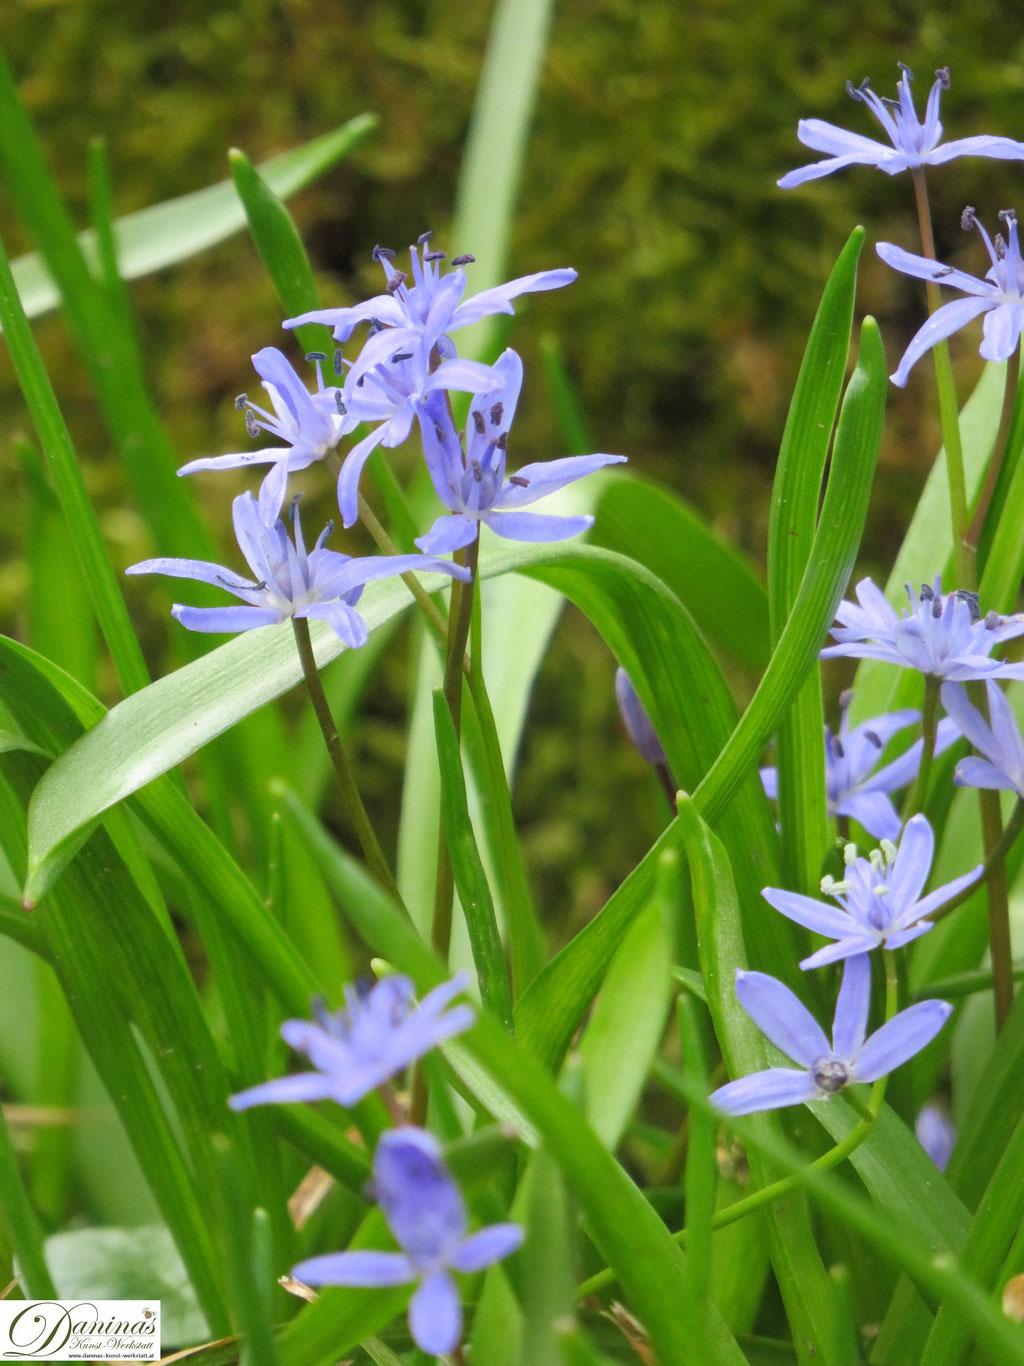 Zweiblättriger Blaustern - Frühlingsblumen im Garten